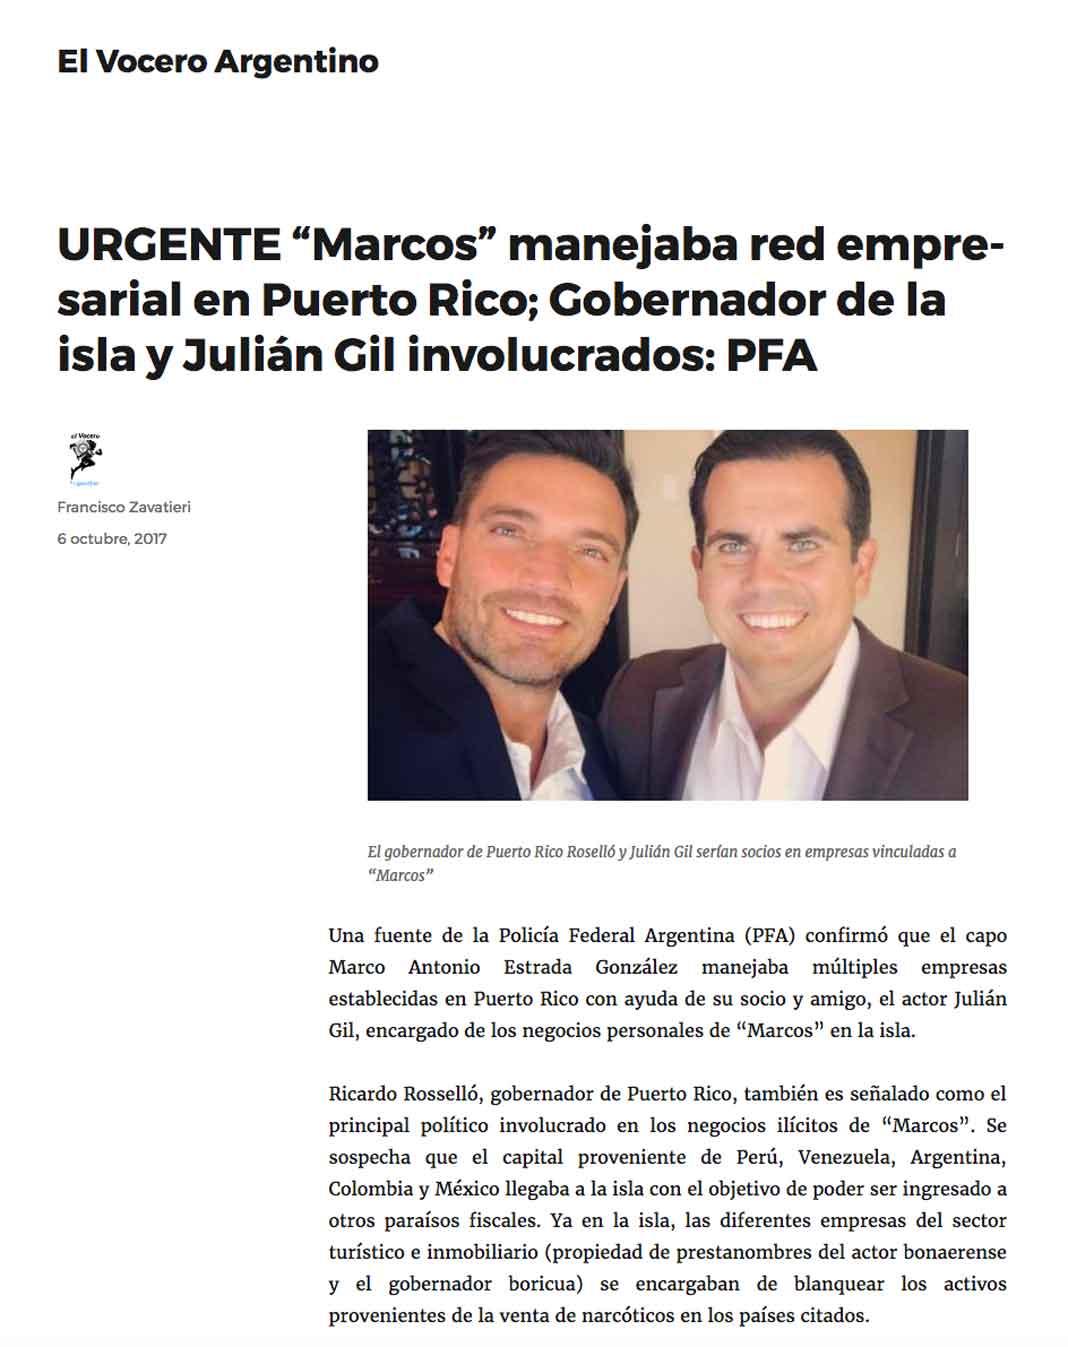 Un blog llamado El Vocero Argentino dice que el Departamento del Tesoro dice que un testigo protegido involucra a Julián